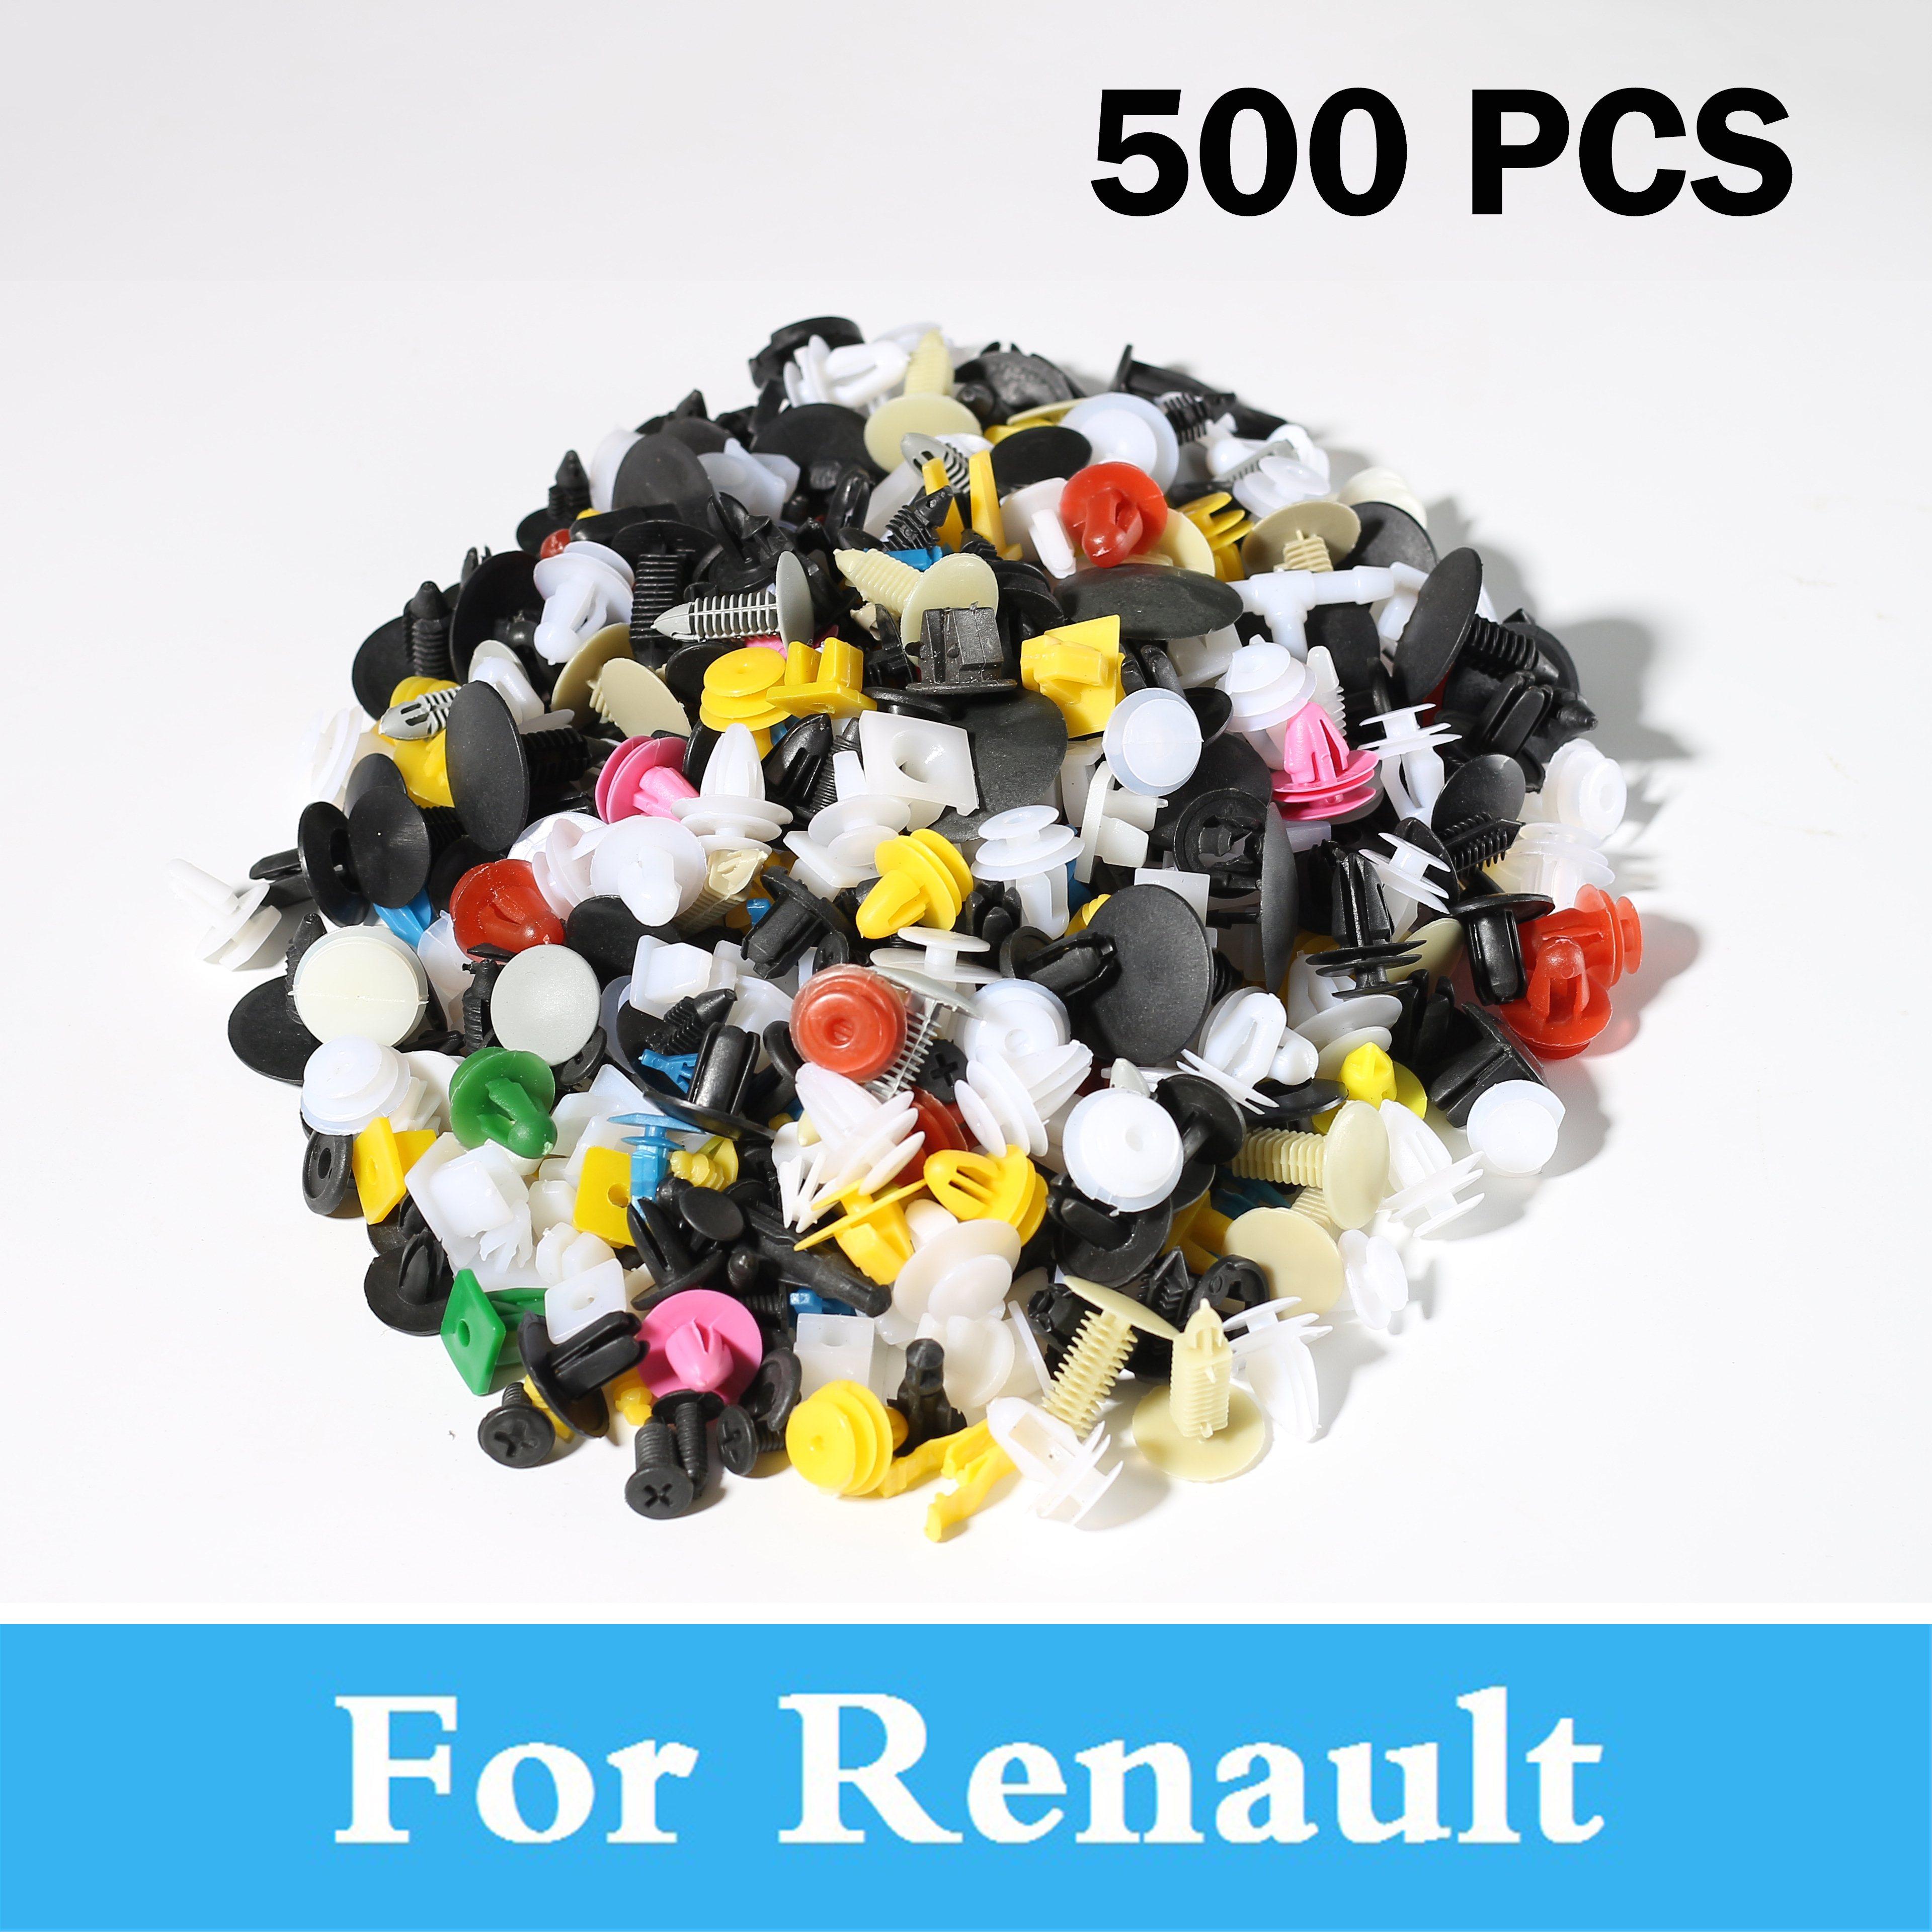 Nouveau 500 pièces voiture style garniture de porte panneau pare-chocs Rivet retenue pour Renault Clio V6 Fluence Rs Koleos Kadjar Duster Captur